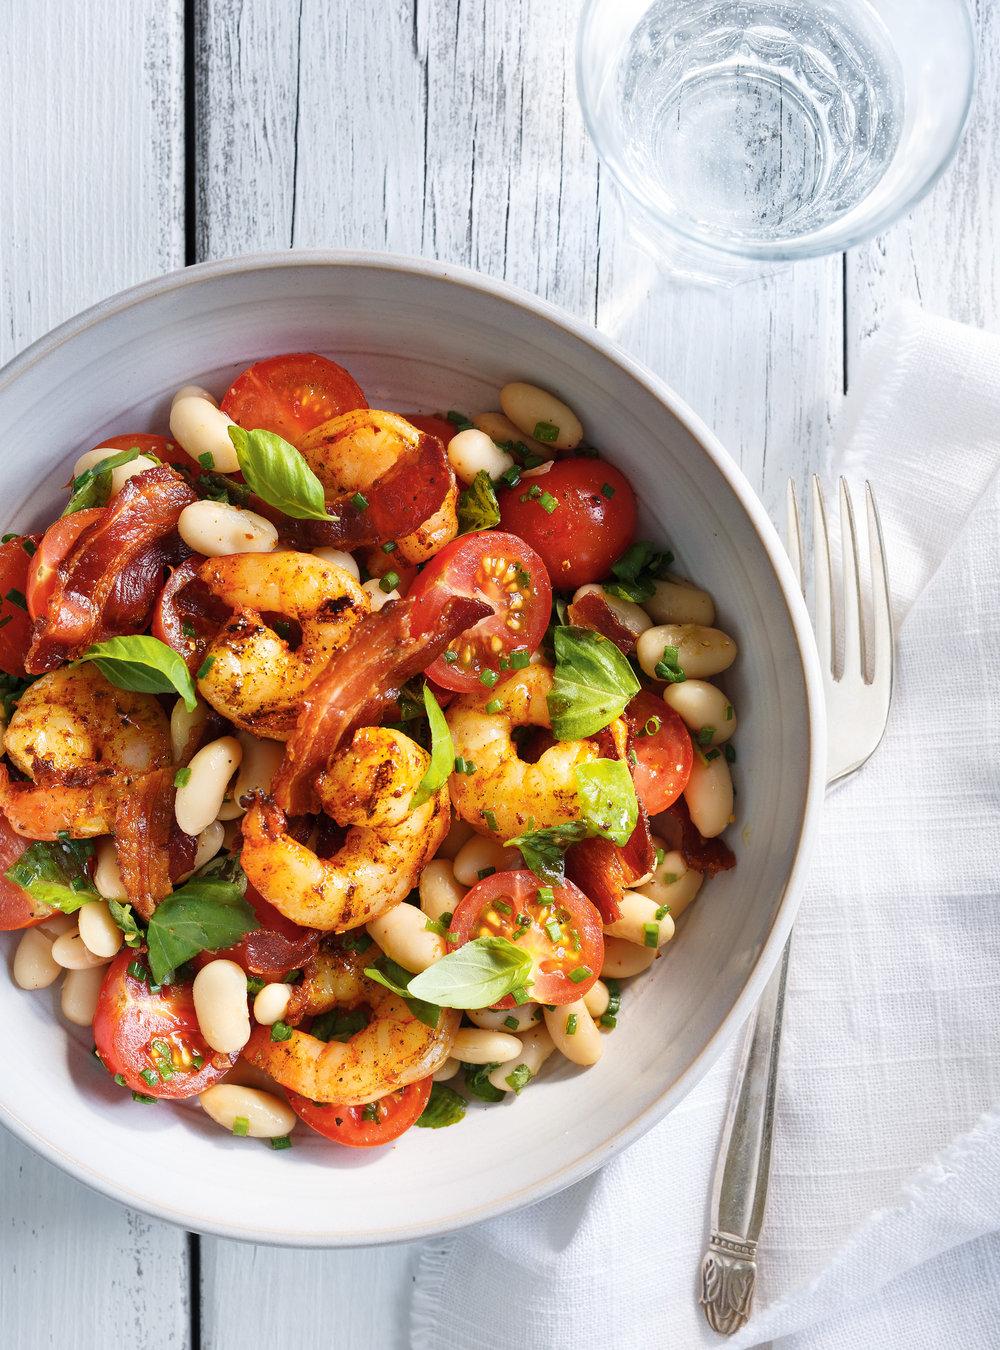 Salade de haricots blancs et de crevettes grillées | ricardo